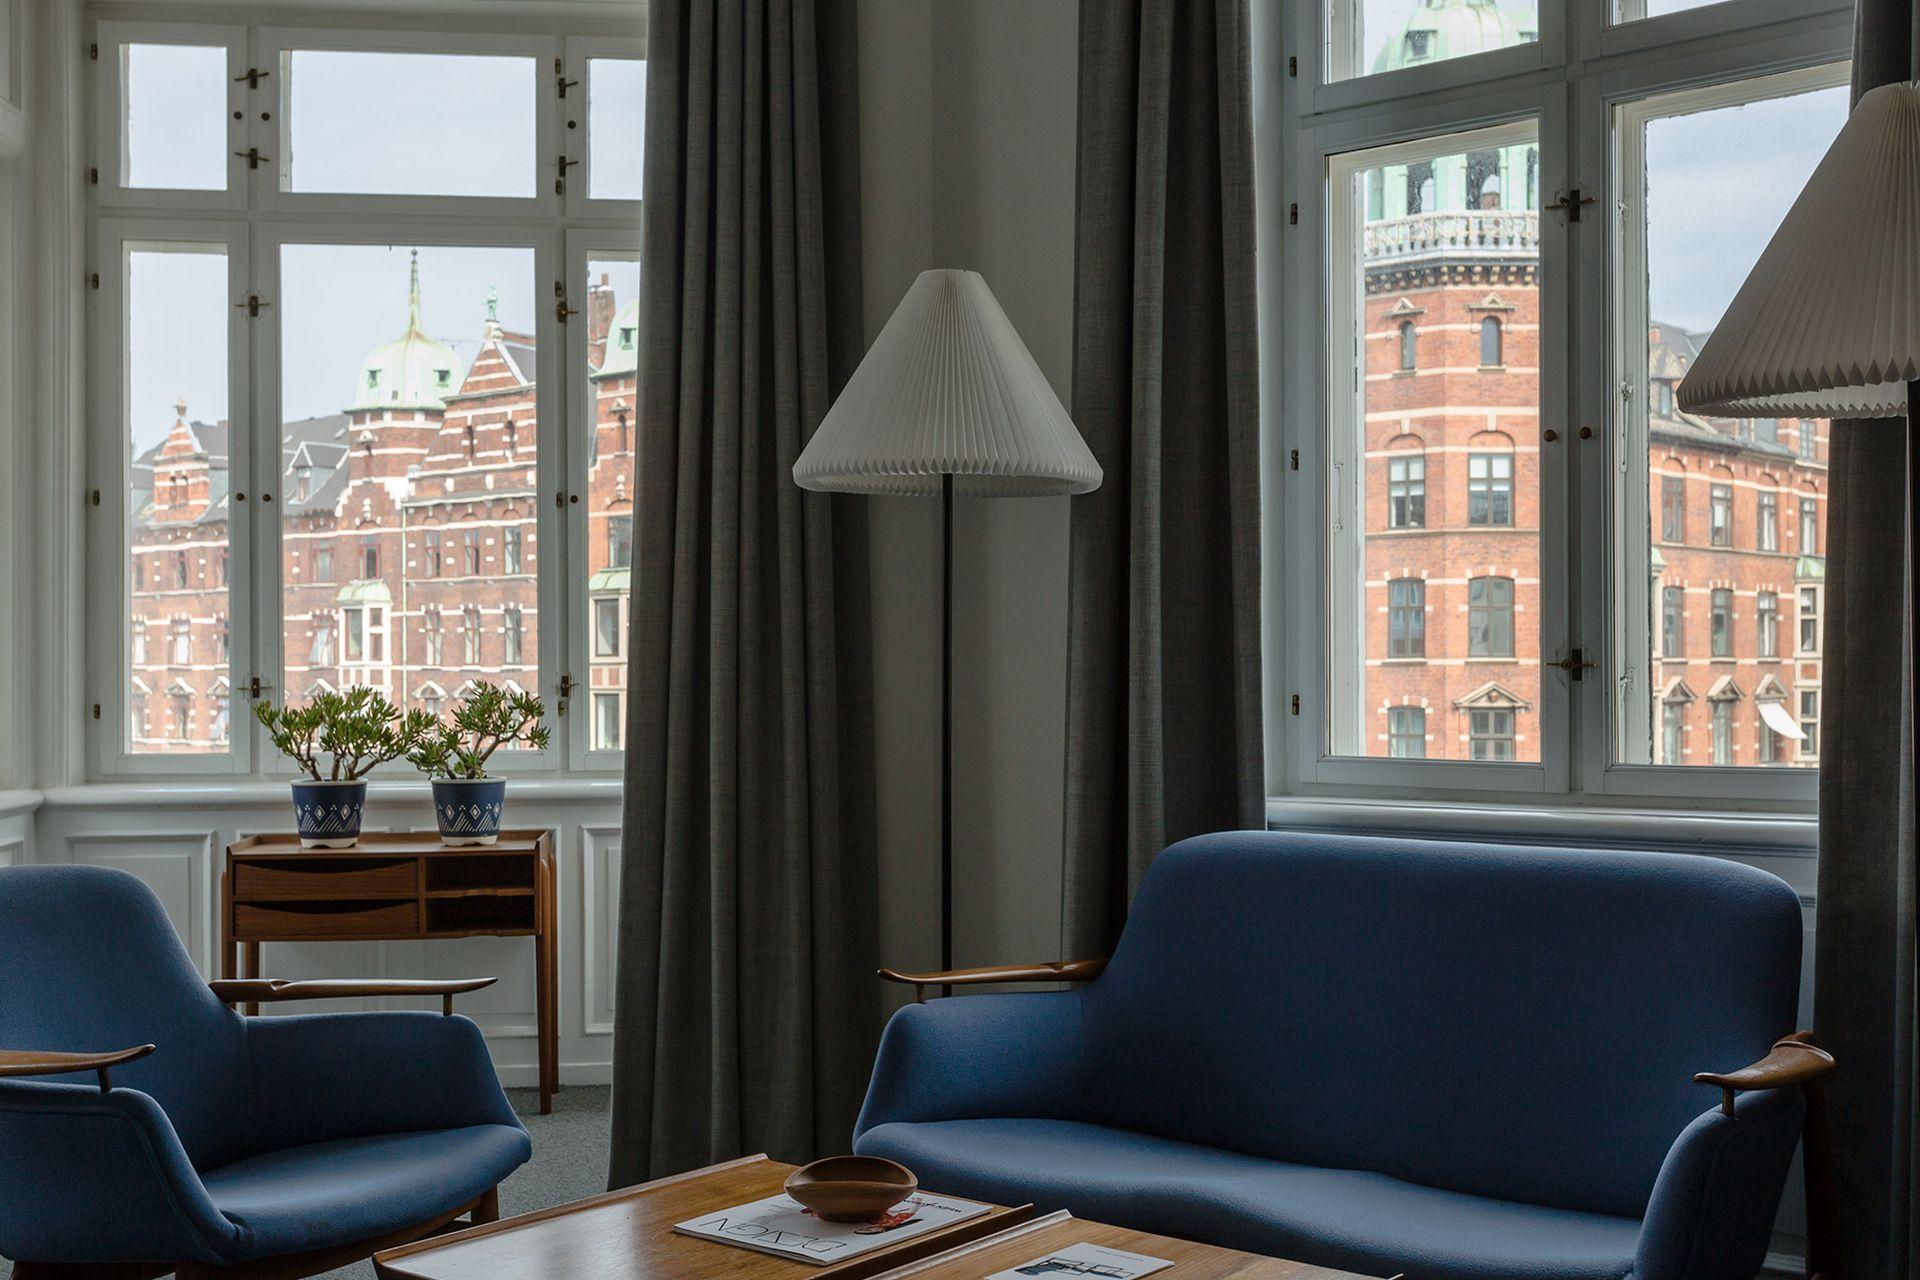 El equipamiento: sillón 'FJ 01', sofá 'FJ 02', la mesa con sus característicos cajones sin tirantes, enmarcadas por elegantes cortinados y moquette grises.